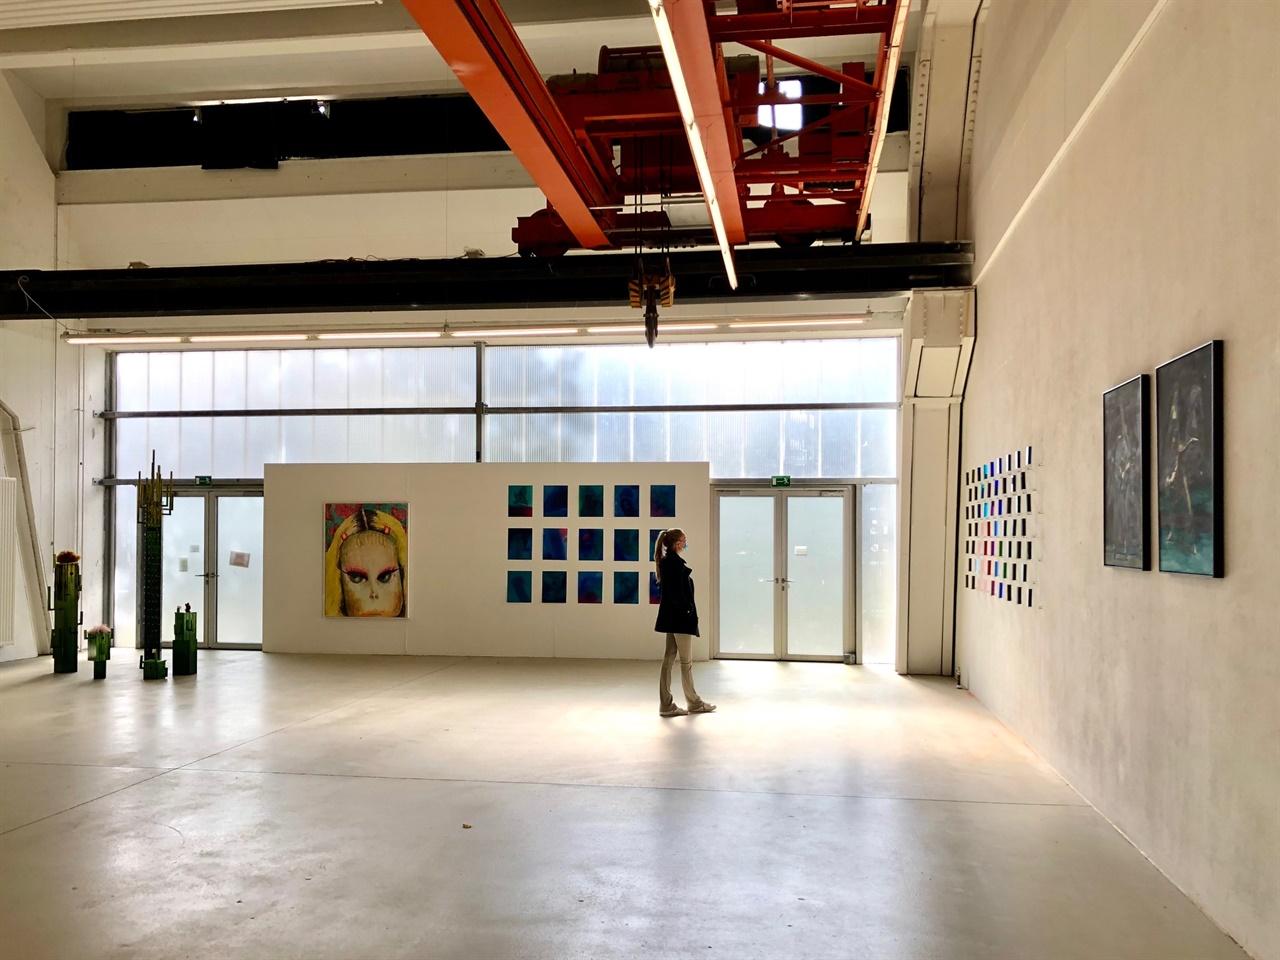 뮌헨 전시회 전경  뮌헨미대 출신의 4인 한국 예술가들은 독특한 유리 설치작업부터 세라믹, 회화, 조각 장르를 통해 세련되고 다채로운 스펙트럼의 현대미술 작품들을 선보였다.